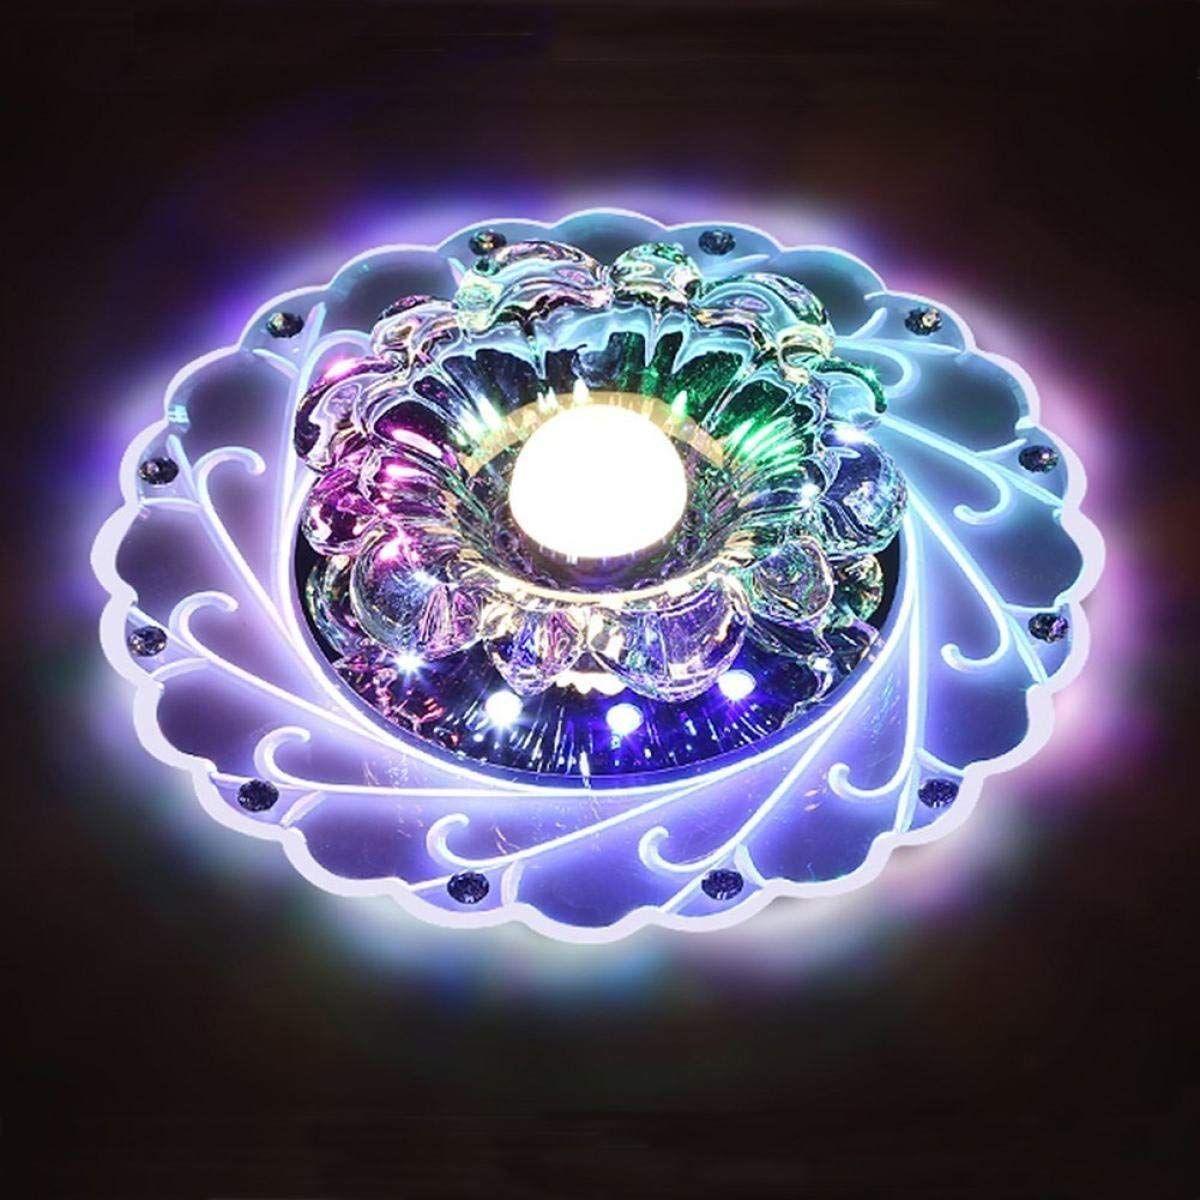 Led Kristall Deckenleuchte Farbwechsel Crystal Decken Pendent Lampen Einbauleuchten Kronleuchter Fur Flur Schla Kristall Deckenleuchte Led Lampe Einbauleuchten